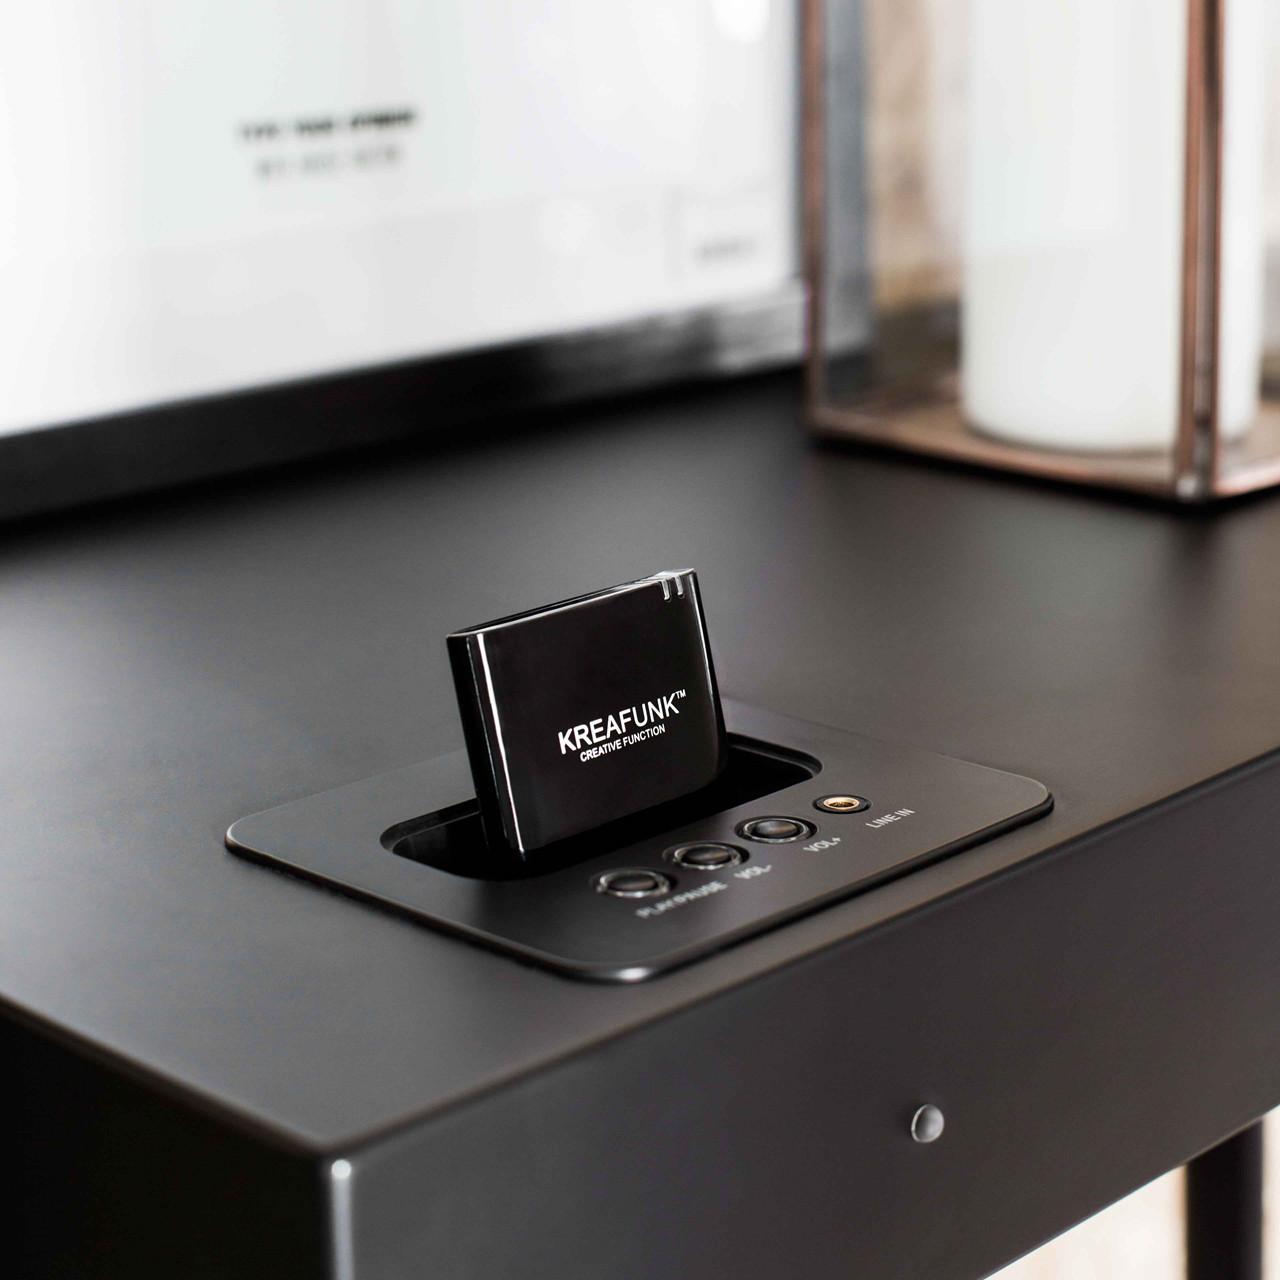 kreafunk ashelf hylde. Black Bedroom Furniture Sets. Home Design Ideas